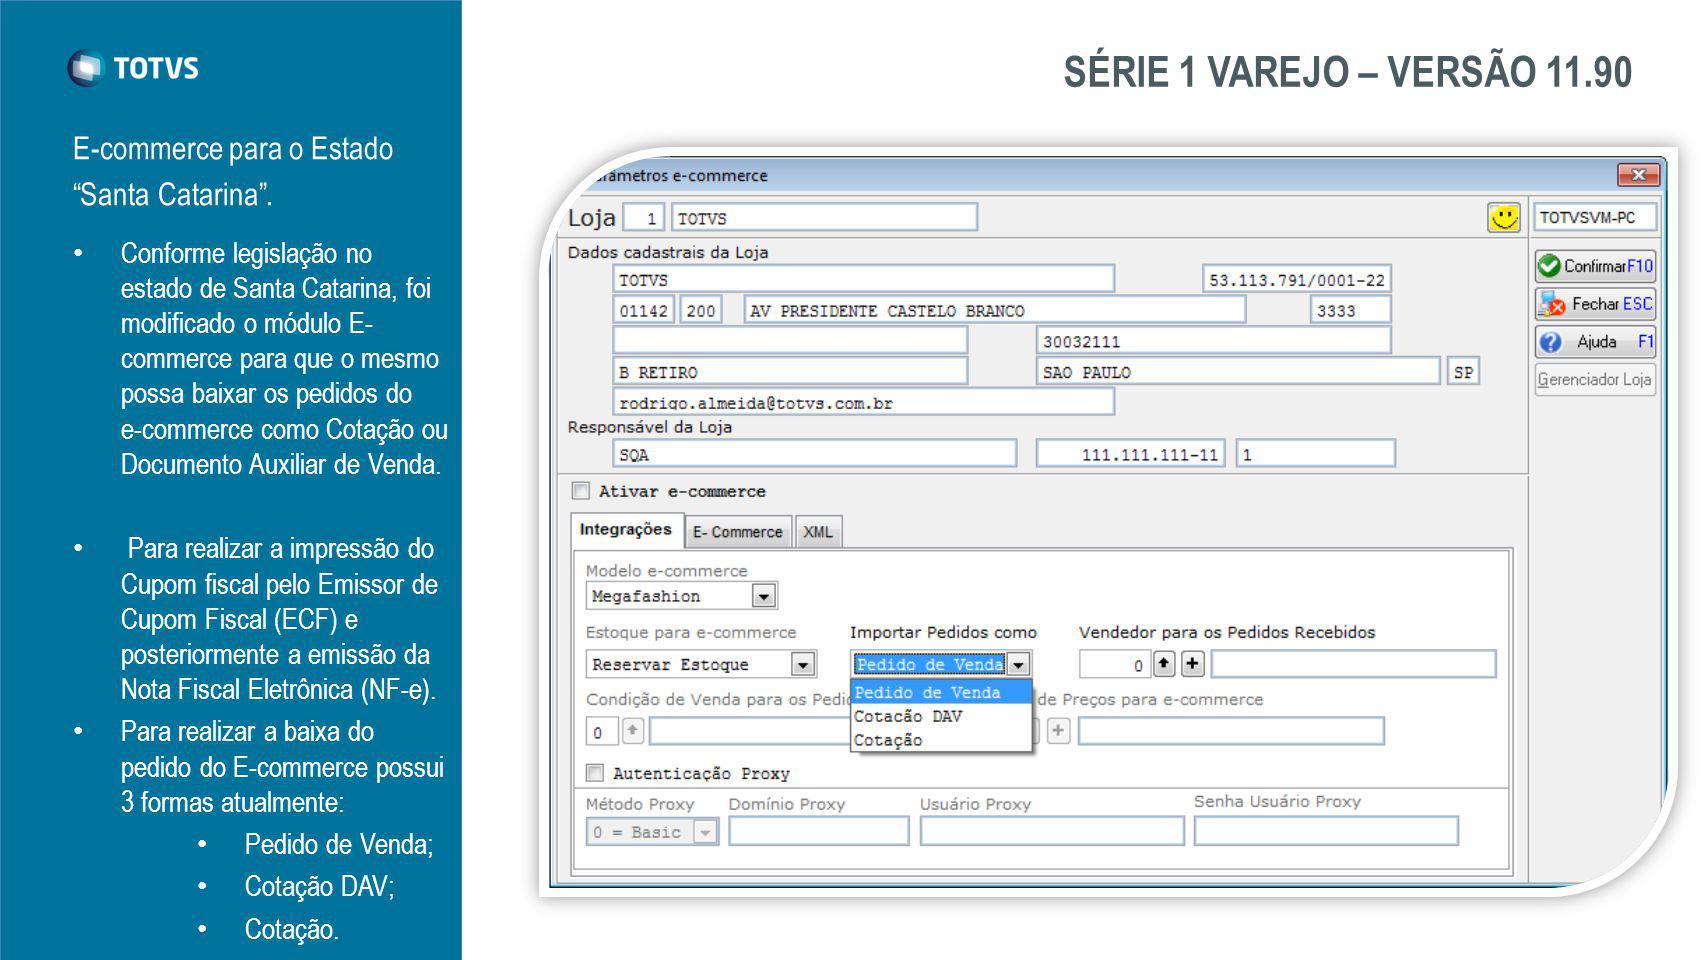 SÉRIE 1 VAREJO – VERSÃO 11.90 E-commerce para o Estado Santa Catarina.